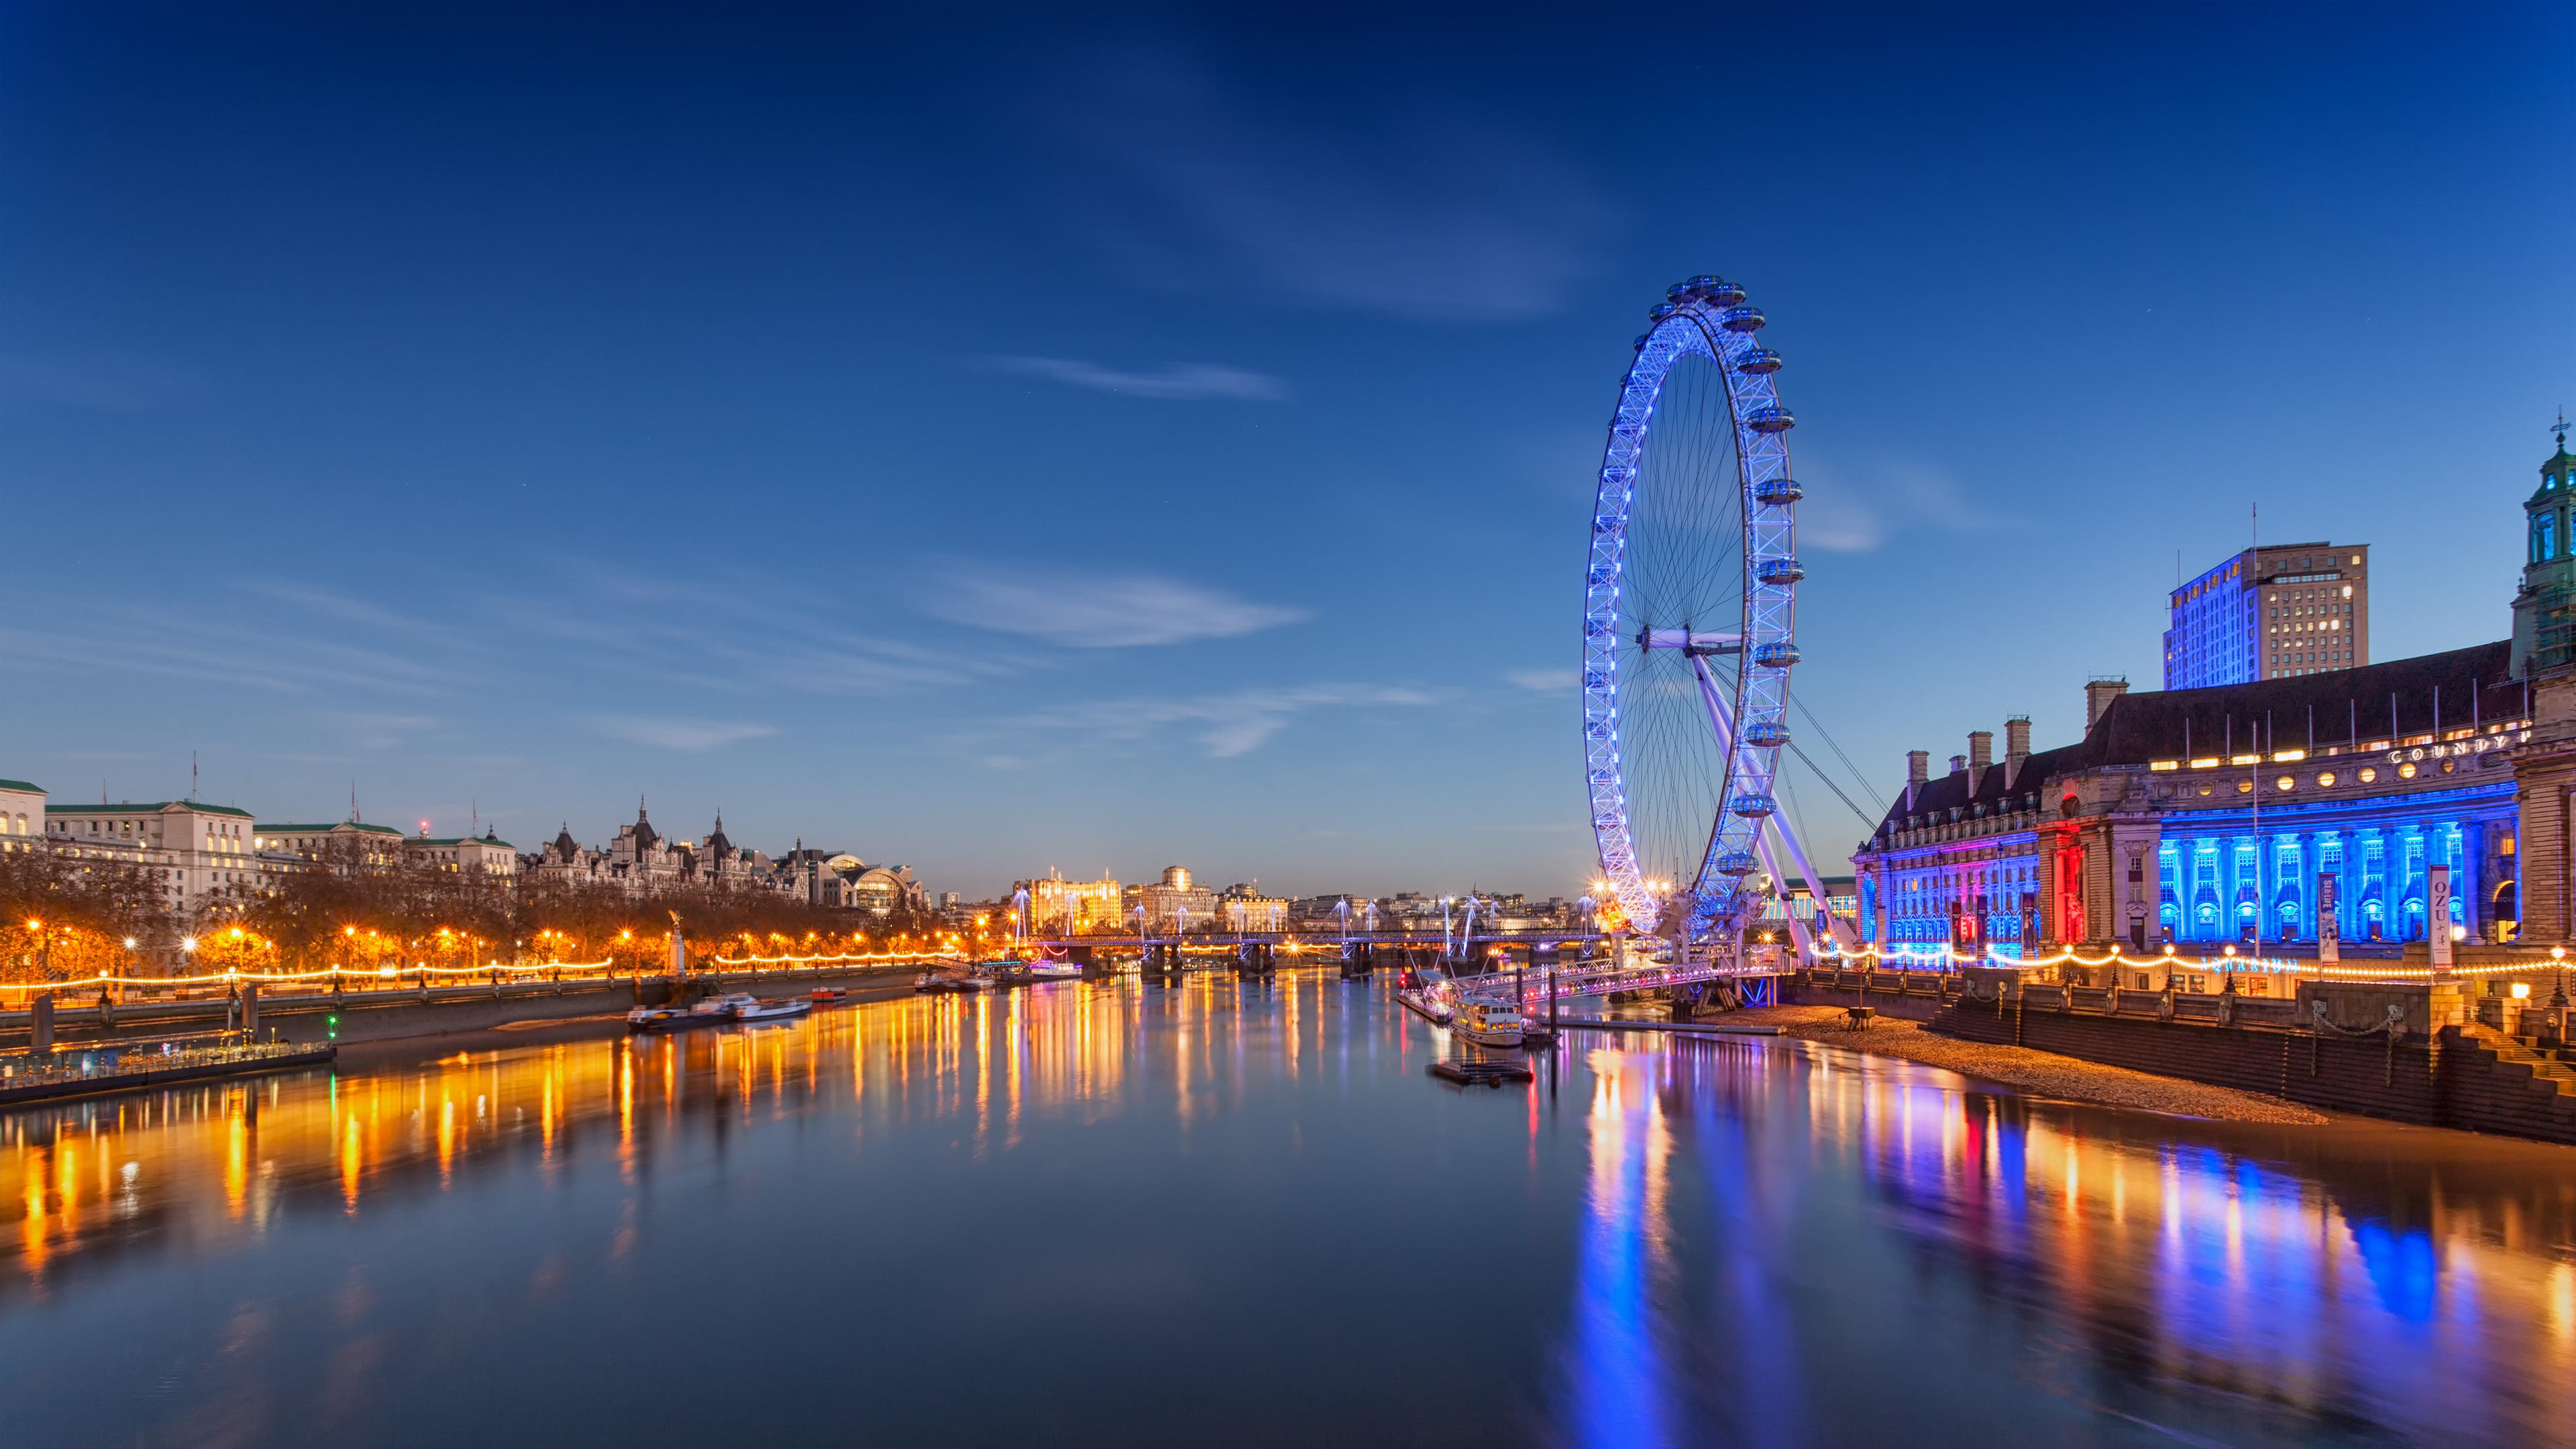 デスクトップ壁紙 3840x2160 Px 4k 眼 湖 風景 ロンドン 自然